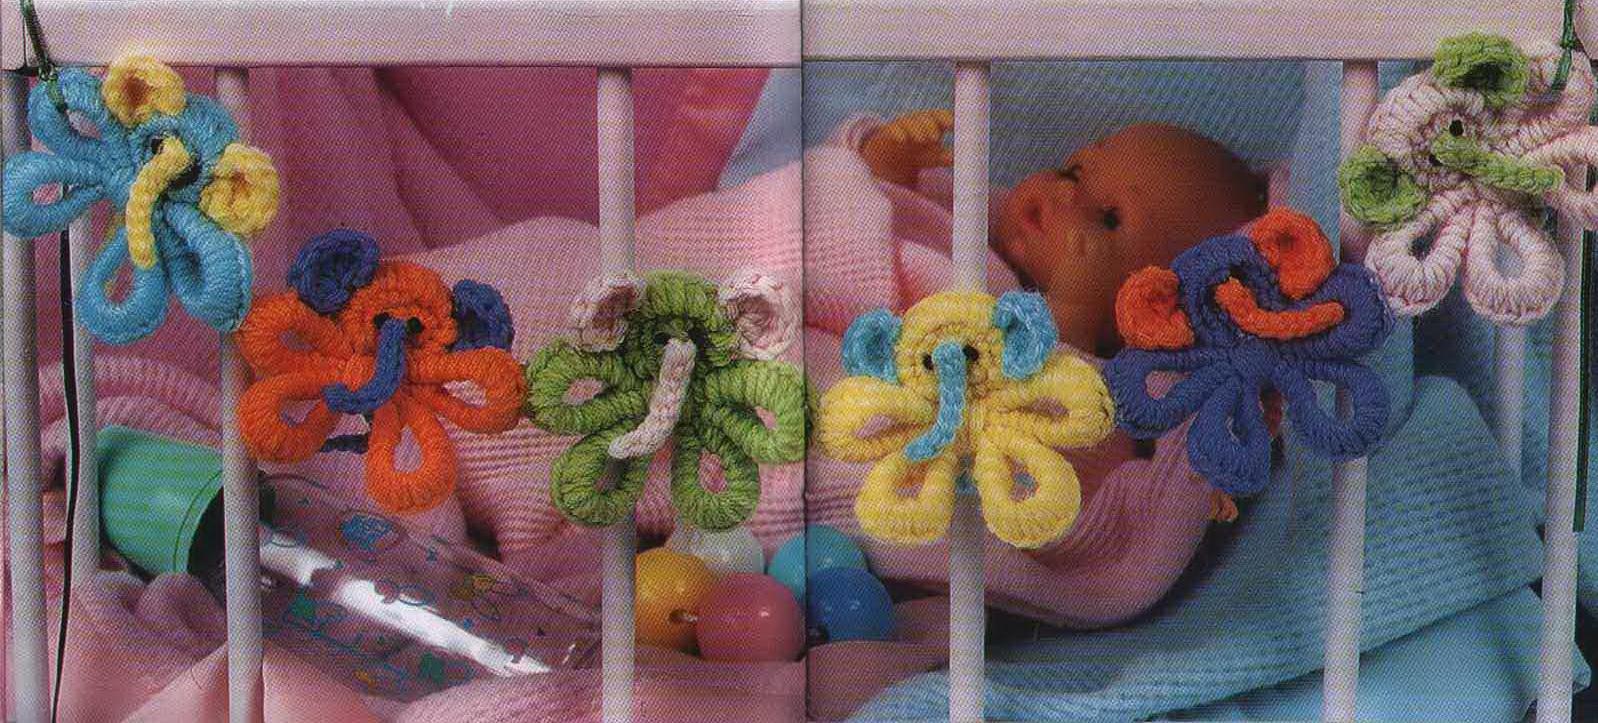 Погремушки для новорожденных крючком